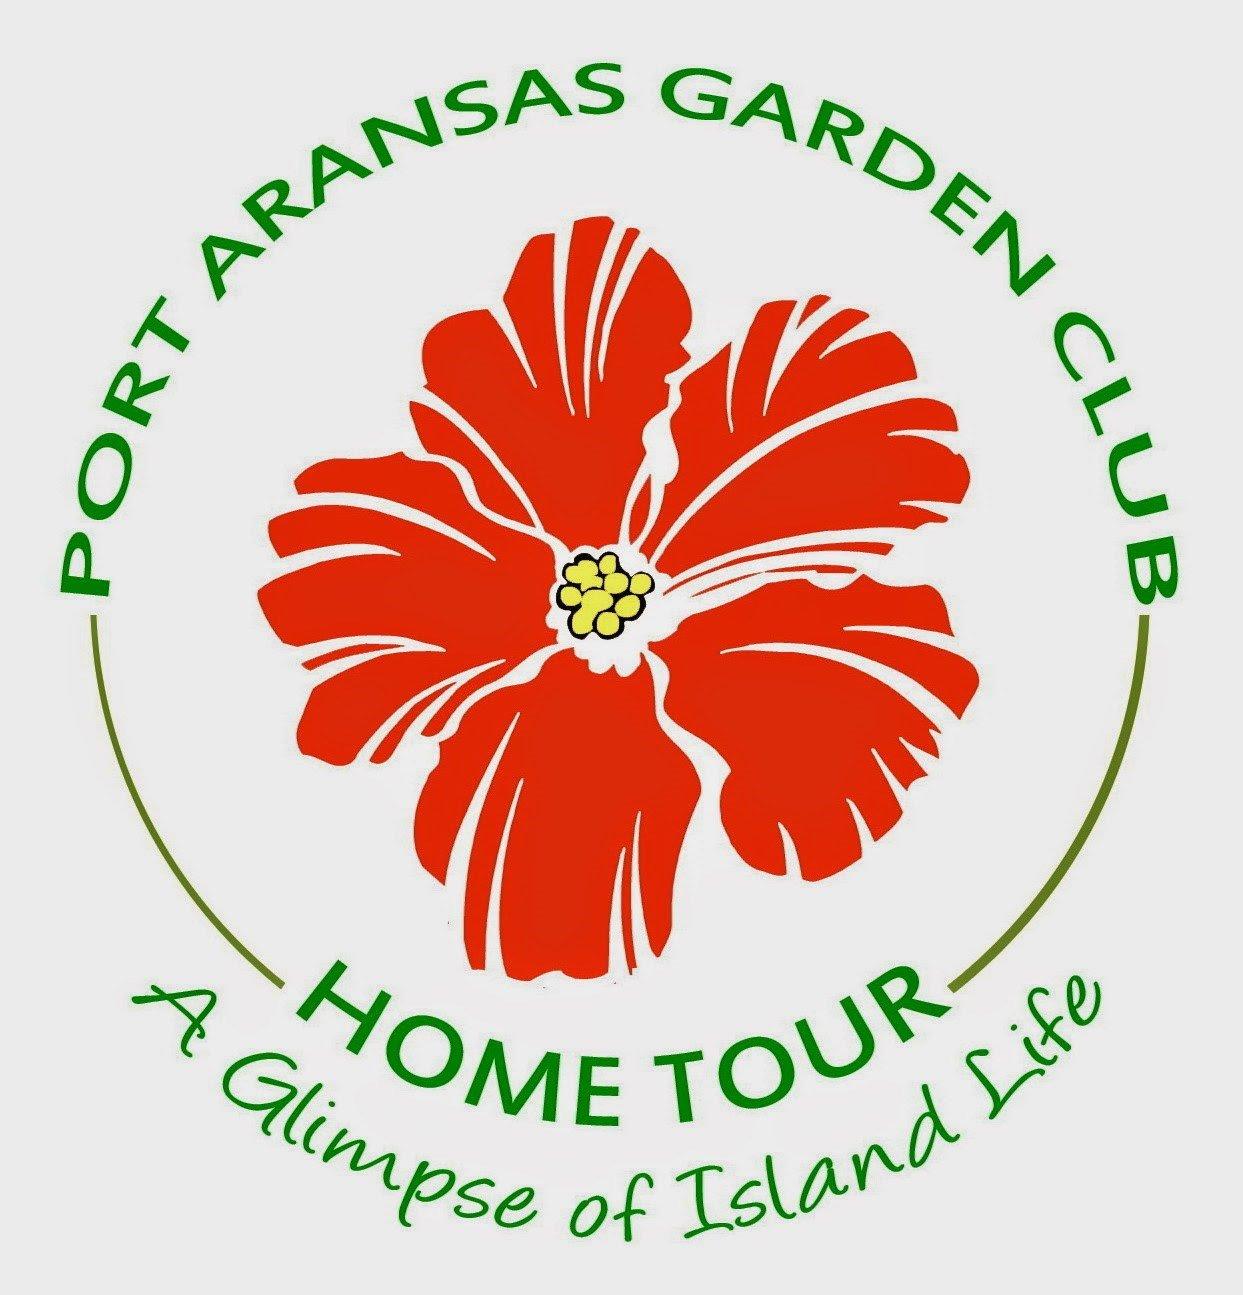 Port Aransas Garden Club To Host Home Tour   KRISTV.com   Continuous News  Coverage   Corpus Christi